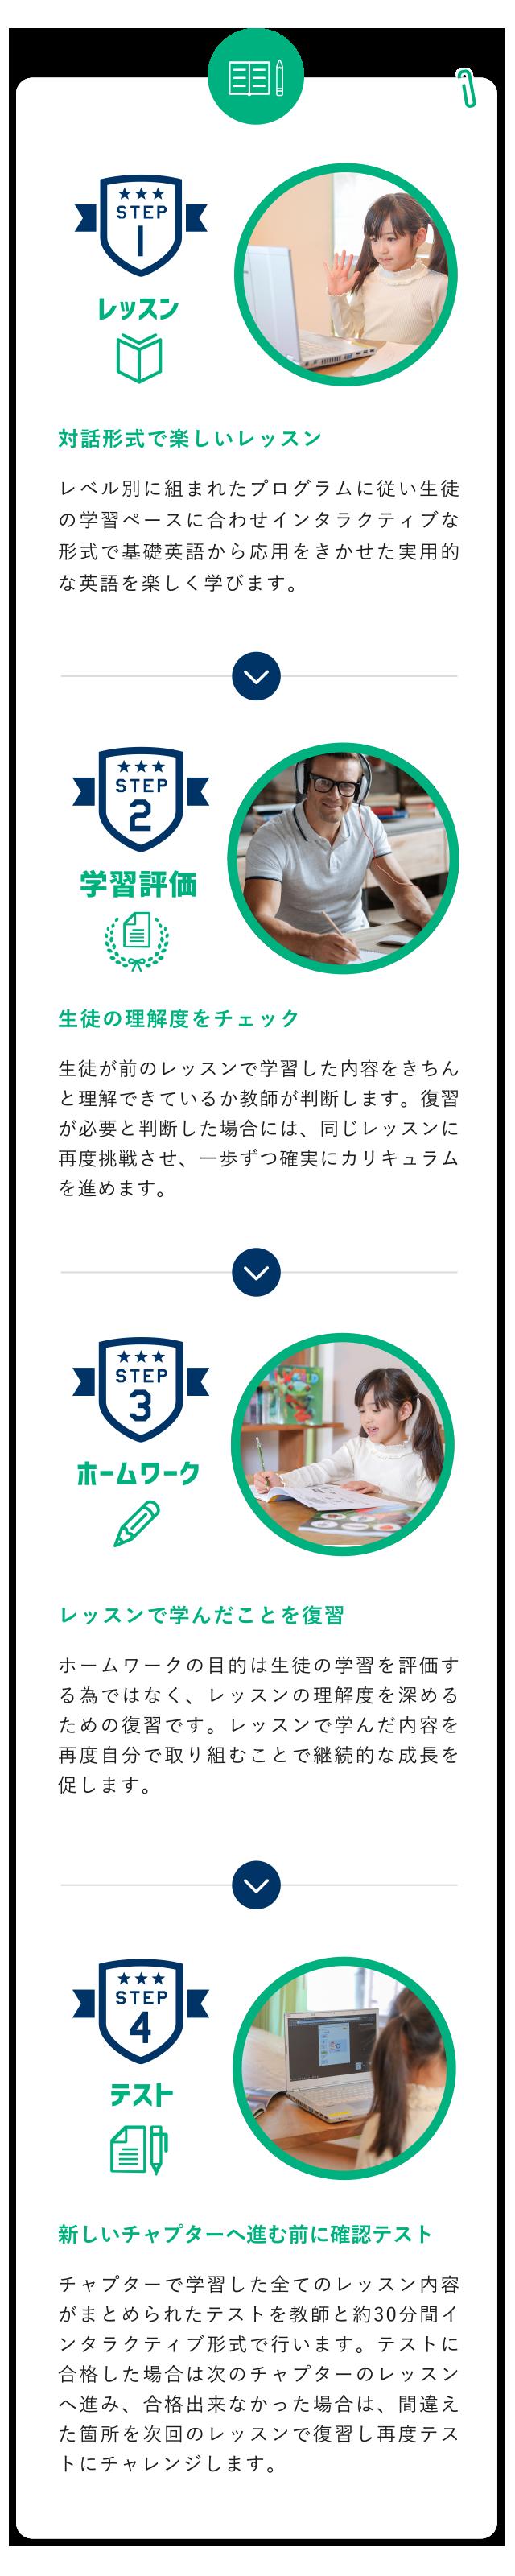 本格的な英語教育、独自カリキュラム、充実したコンテンツ